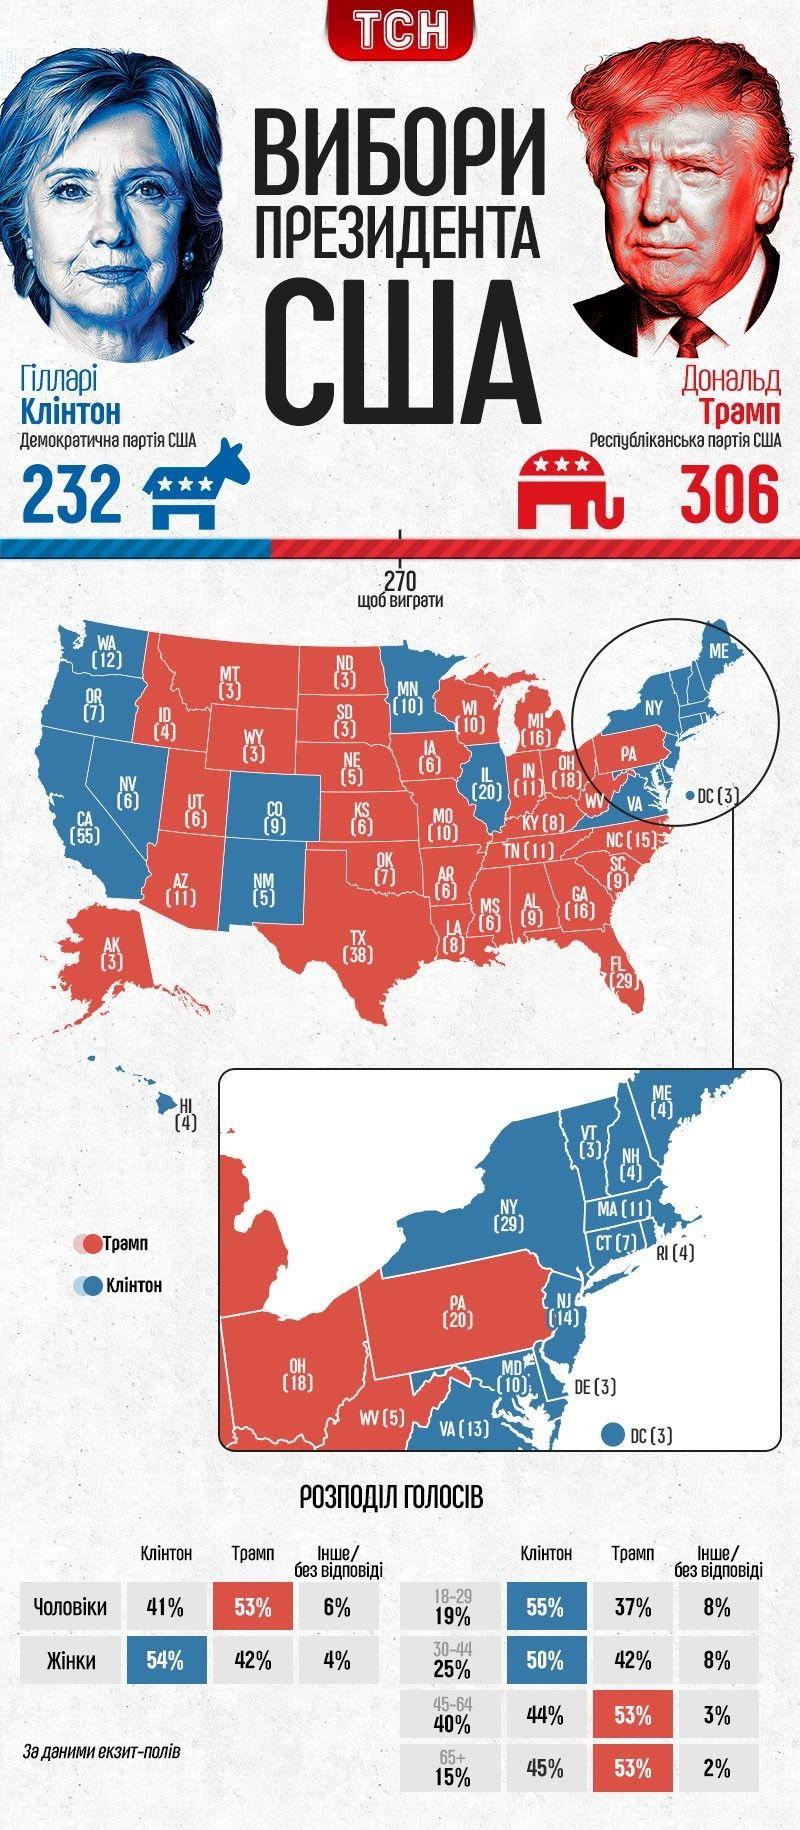 вибори у США, інфографіка, Мічіган